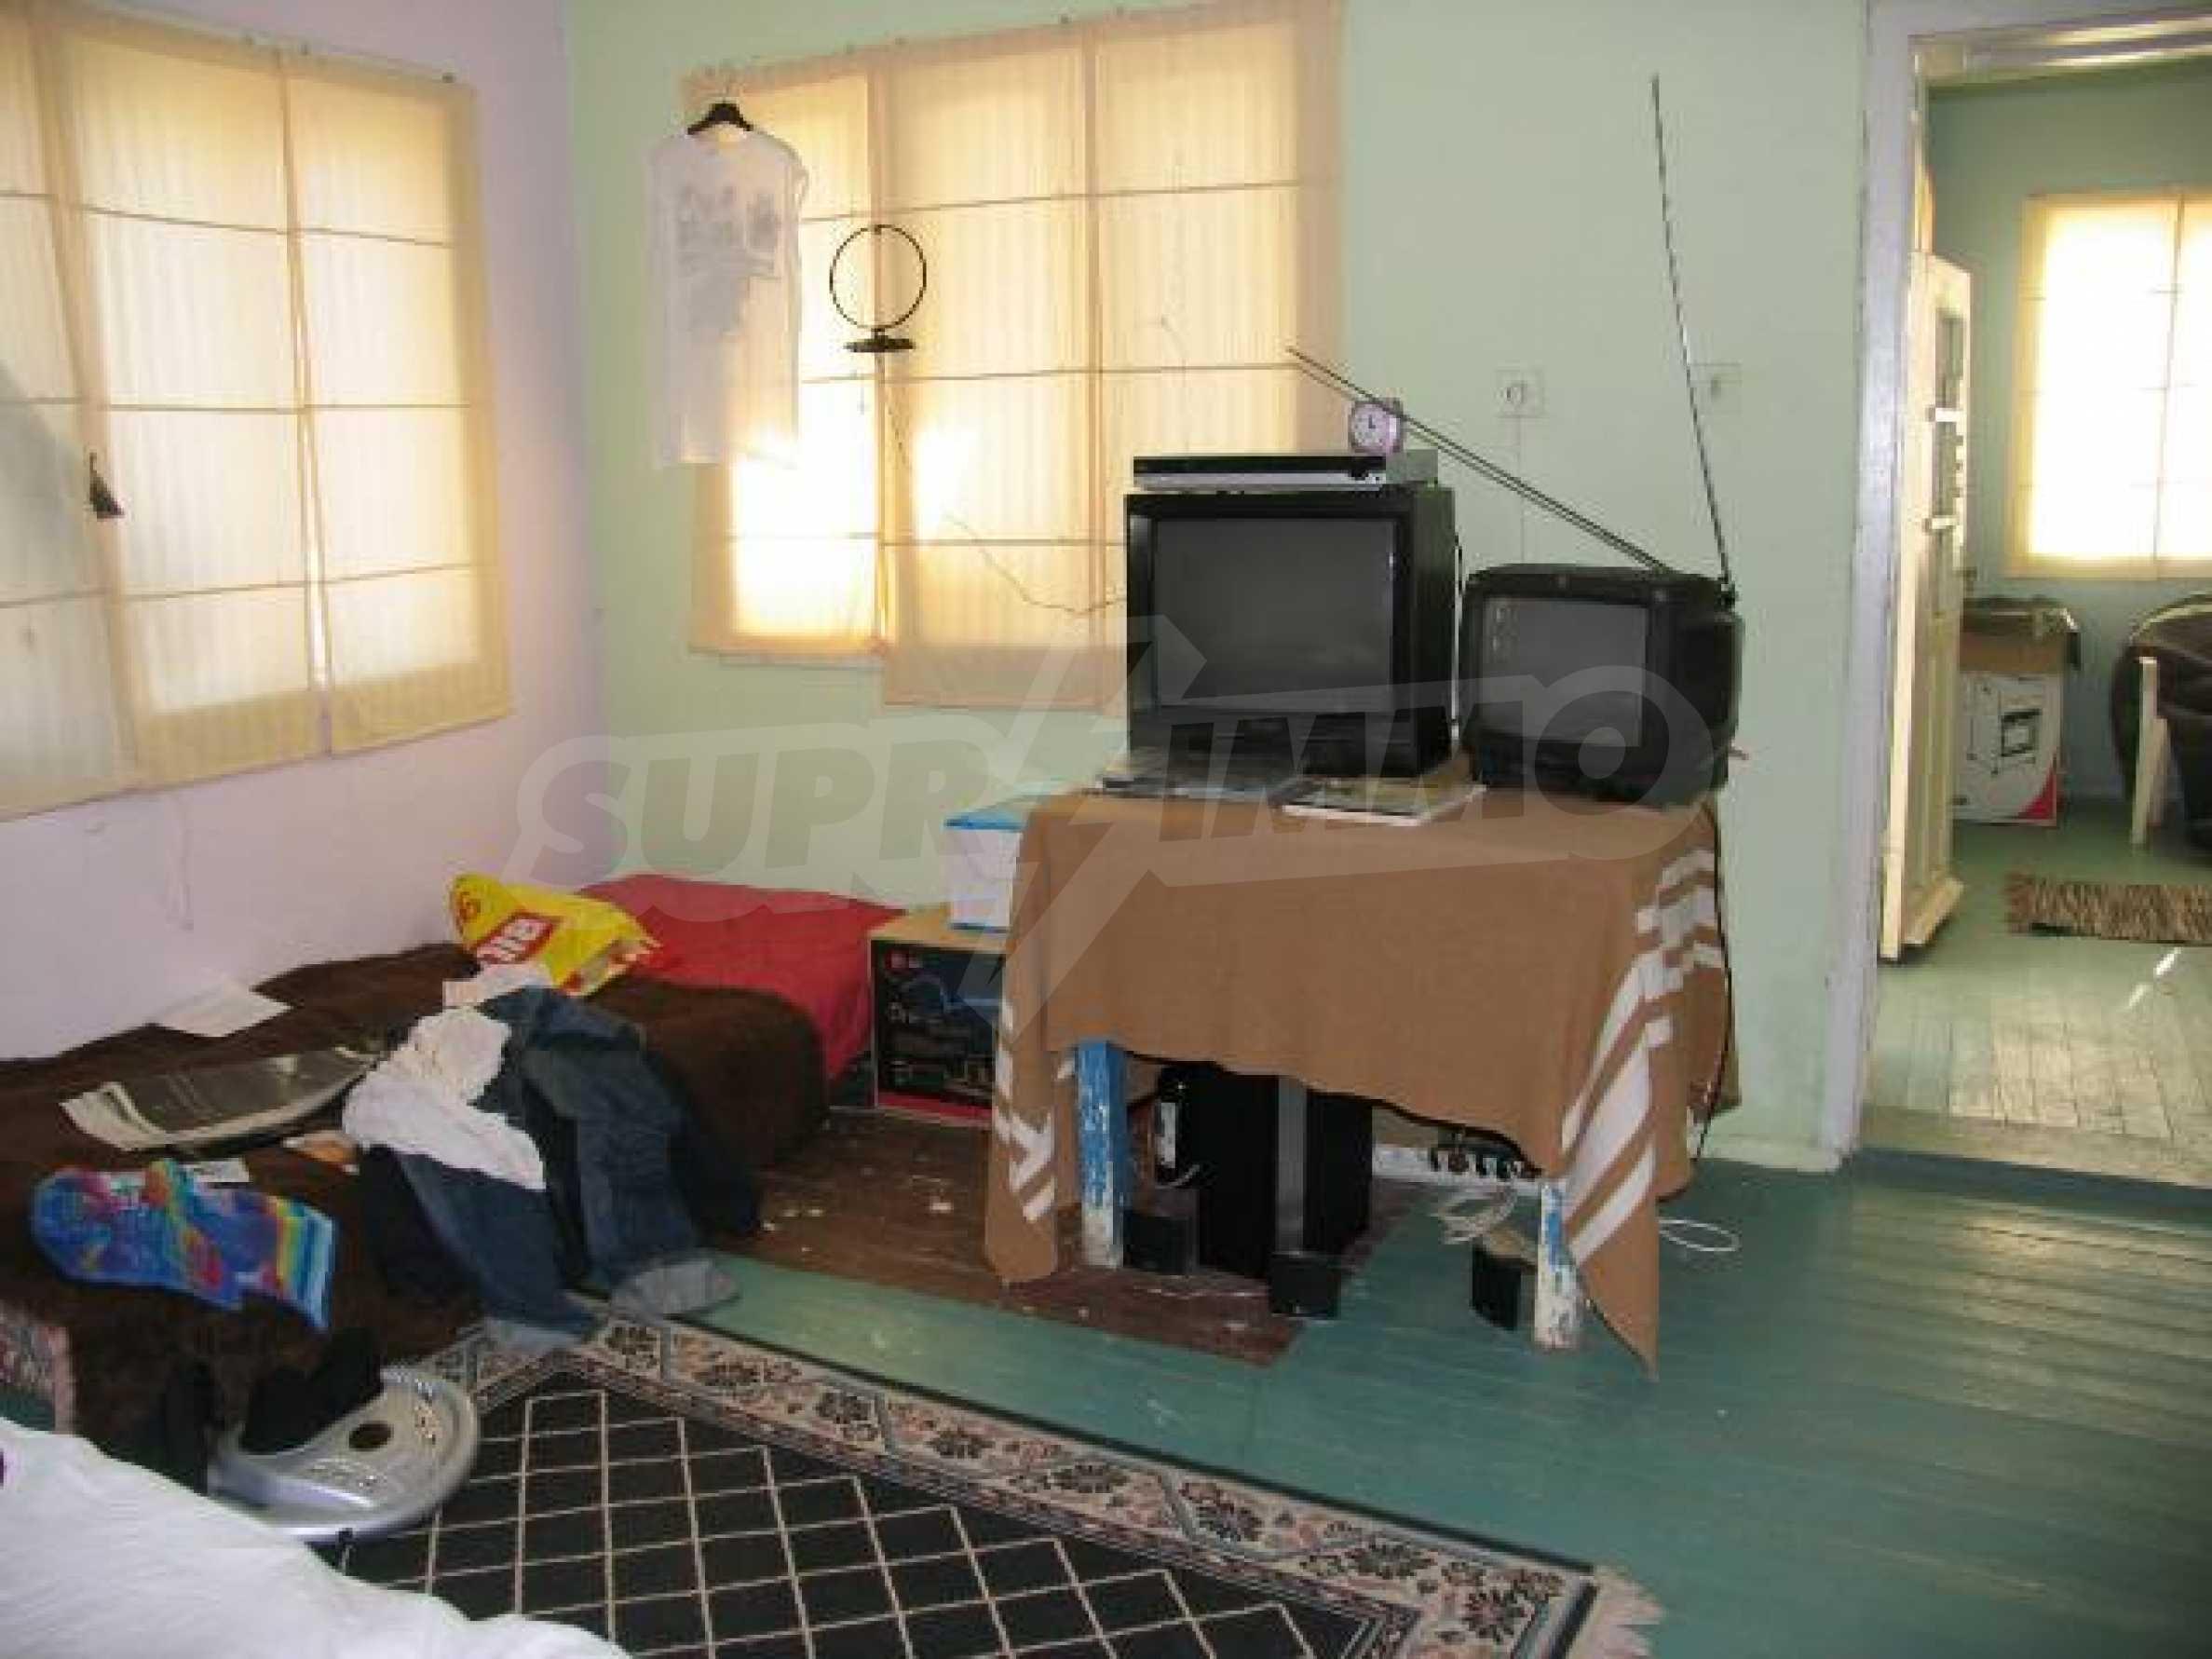 Дом для продажи в курорте Бяла - всего в нескольких минутах от моря 6